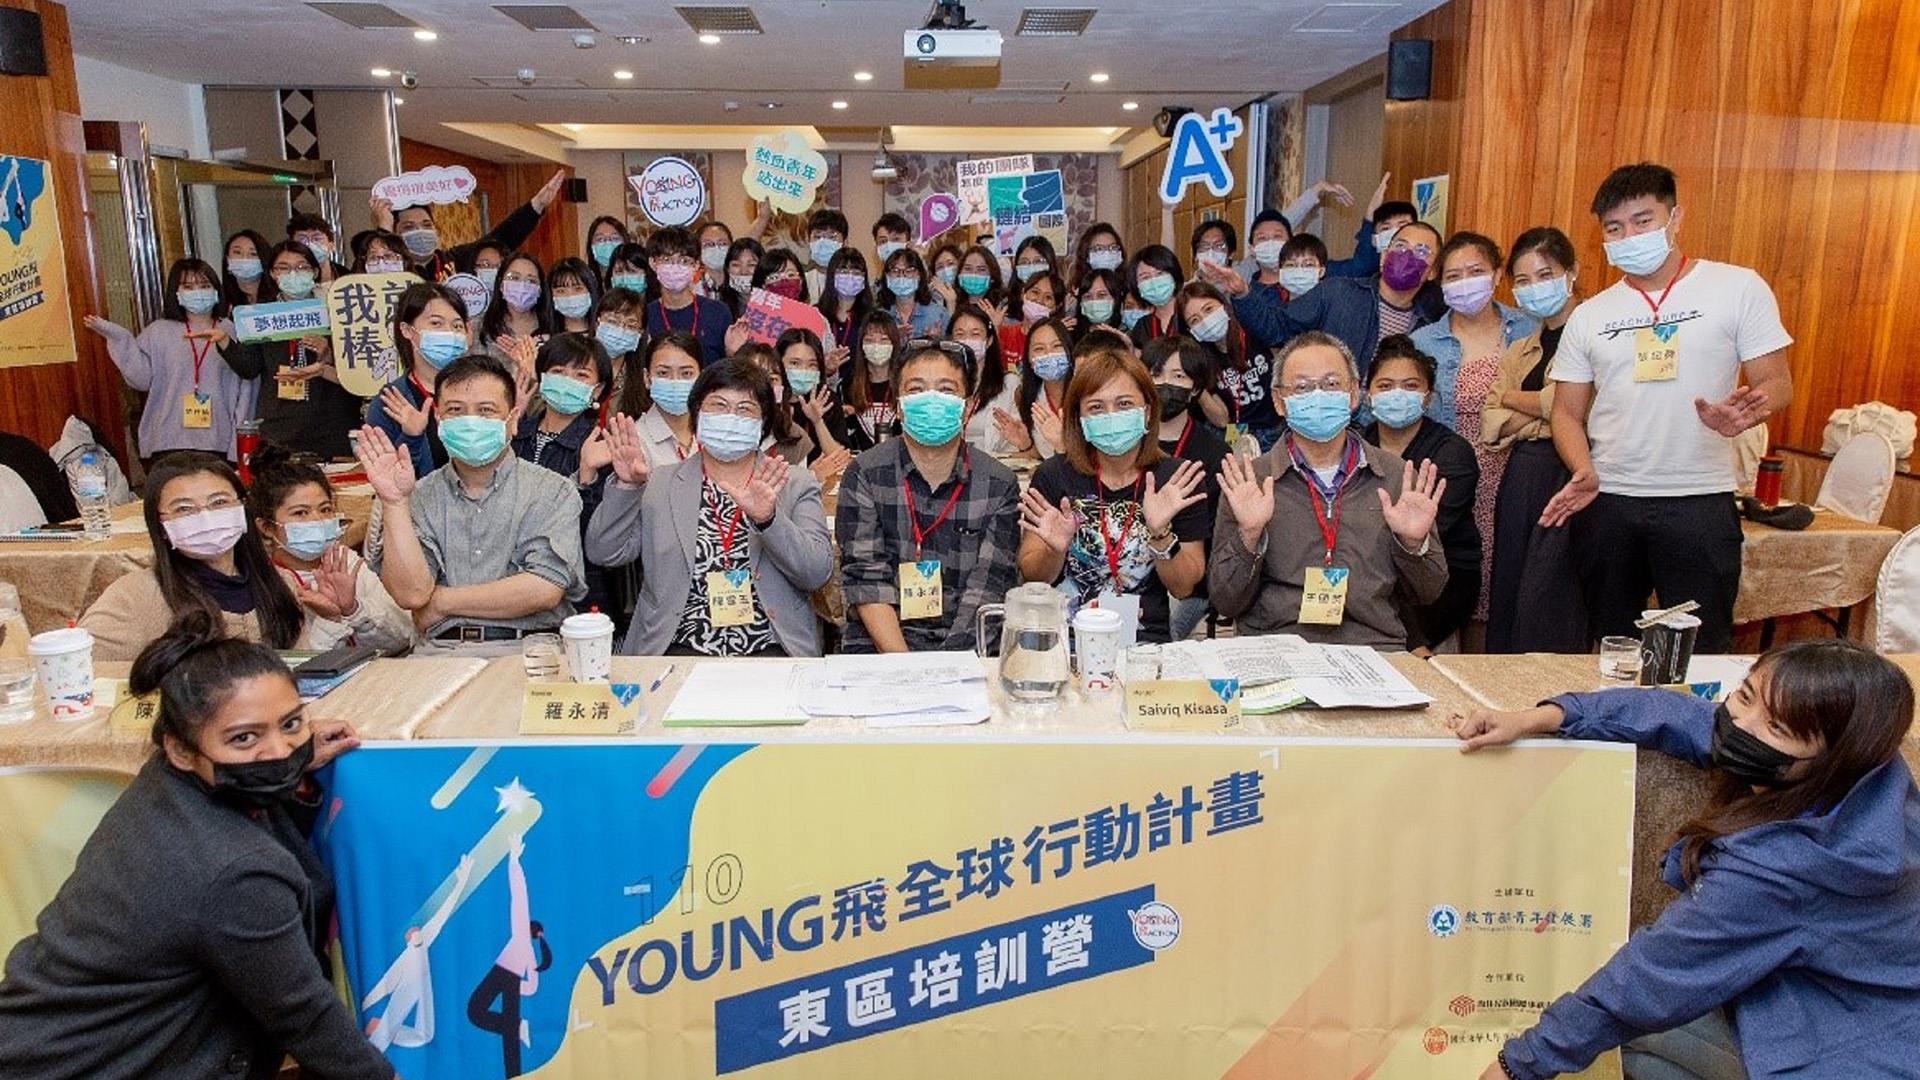 110年Young飛全球行動計畫東區培訓營現場